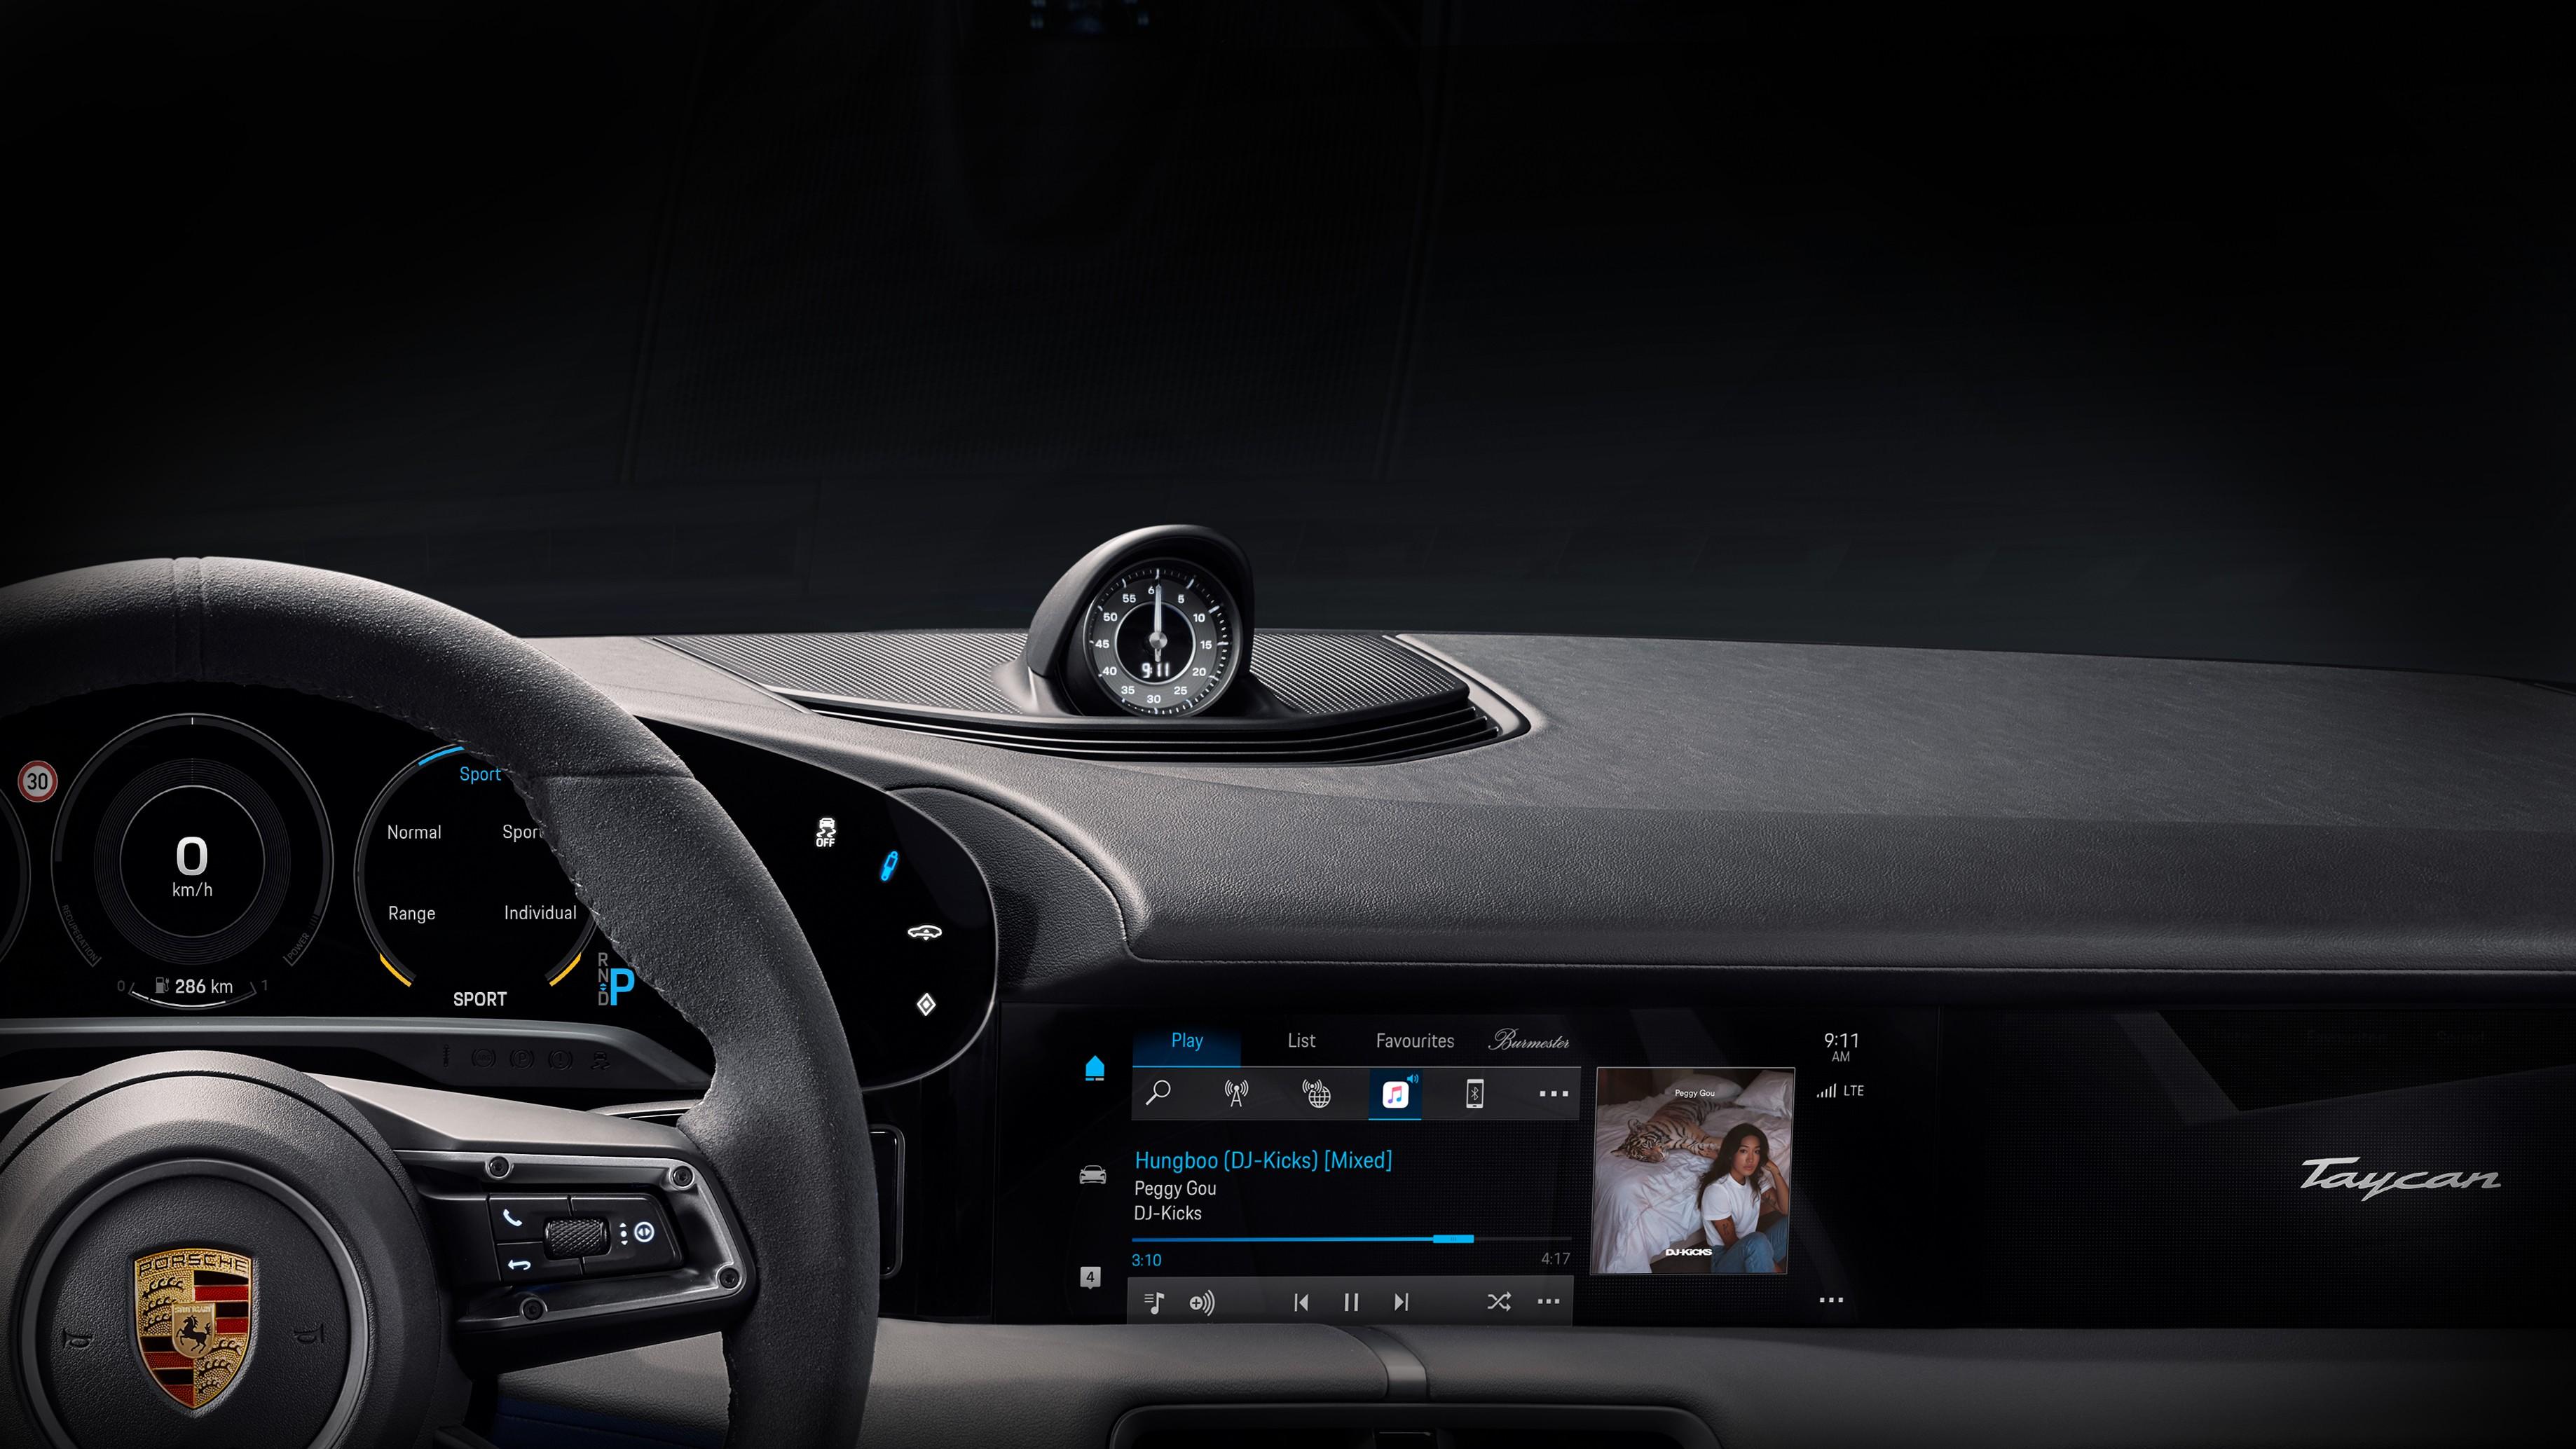 Streaming: Apple Music in Porsche Taycan integriert - Armaturenbrett des Porsche Taycan (Bild: Porsche)